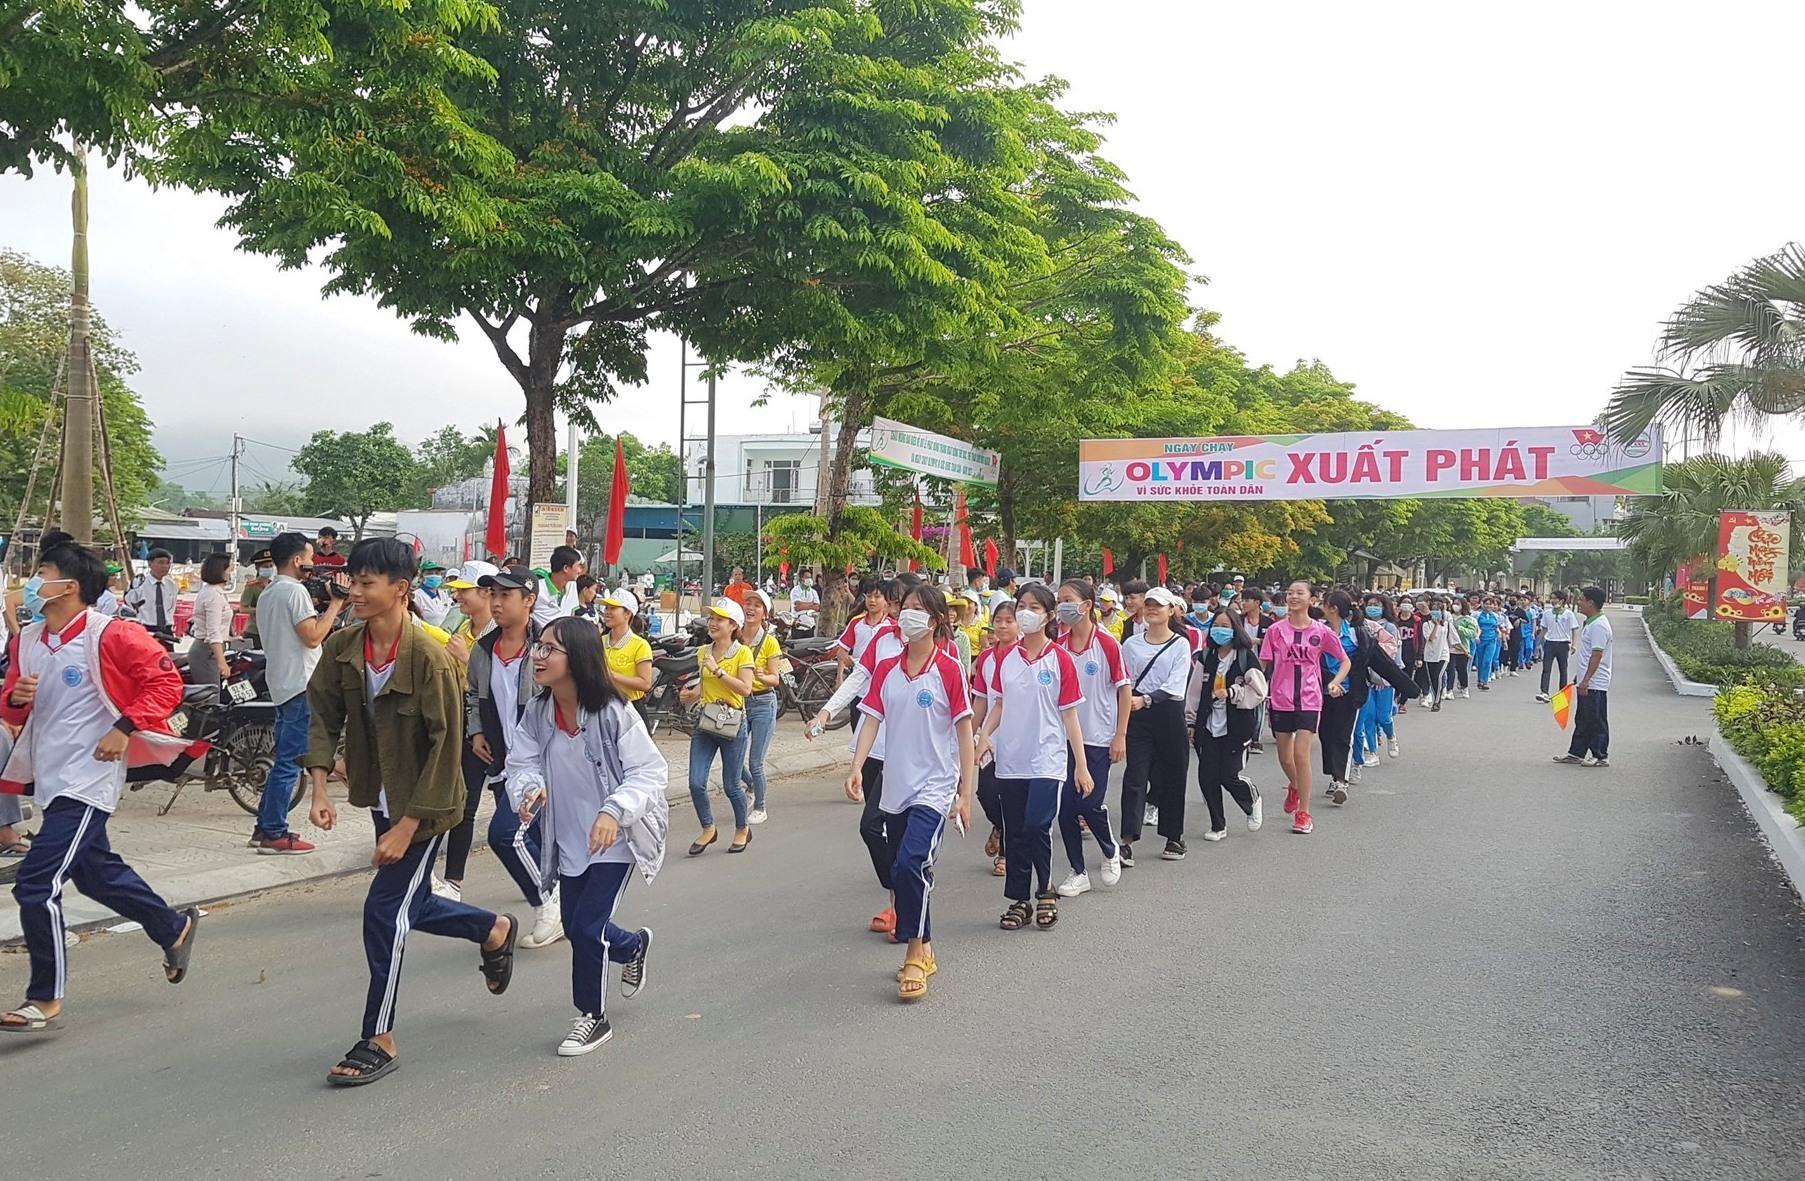 Lực lượng học sinh chạy trong ngày hội. Ảnh: D.L